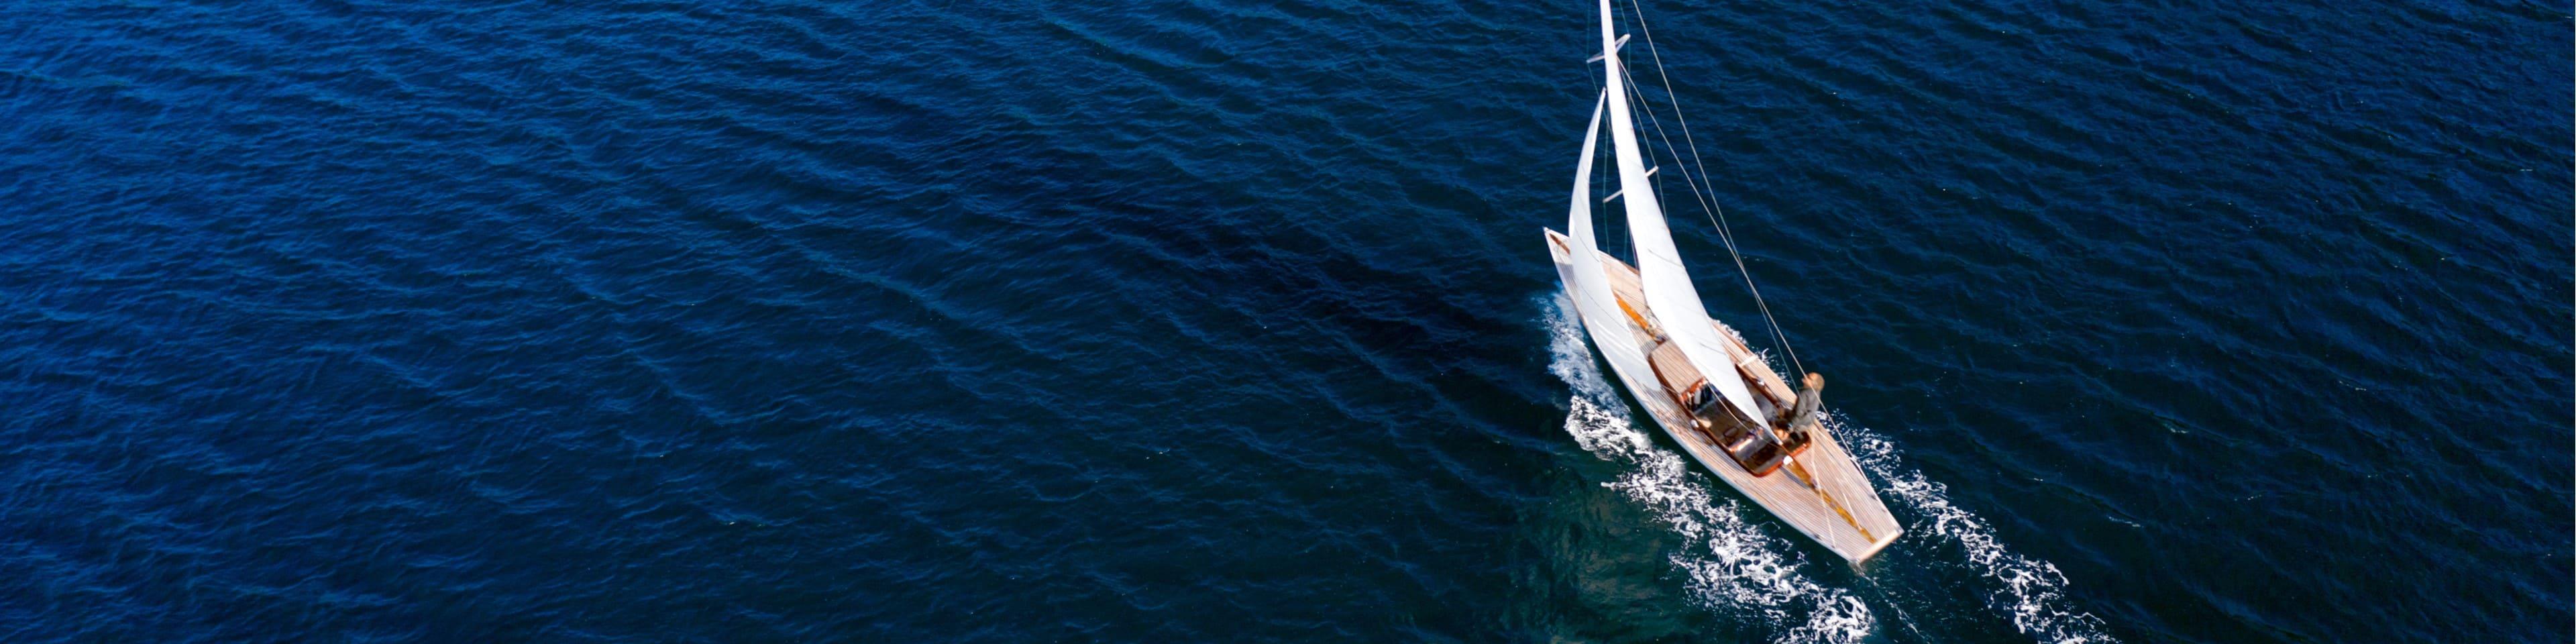 Classic sail boat in the sea